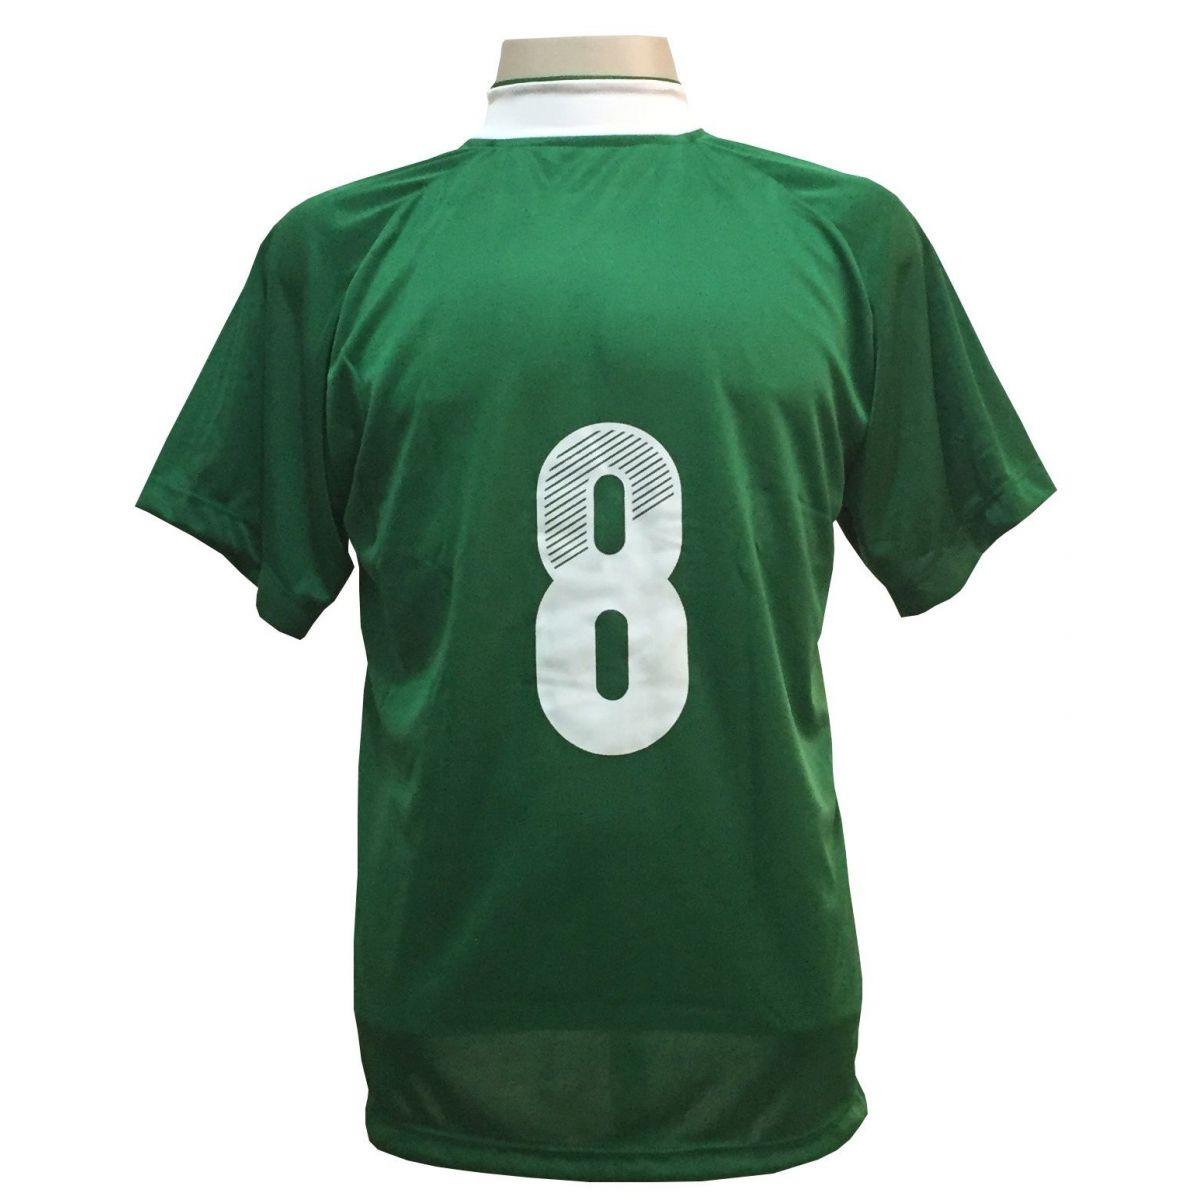 Uniforme Esportivo com 12 Camisas modelo Milan Verde/Branco + 12 Calções modelo Madrid Verde + 12 Pares de meiões Branco